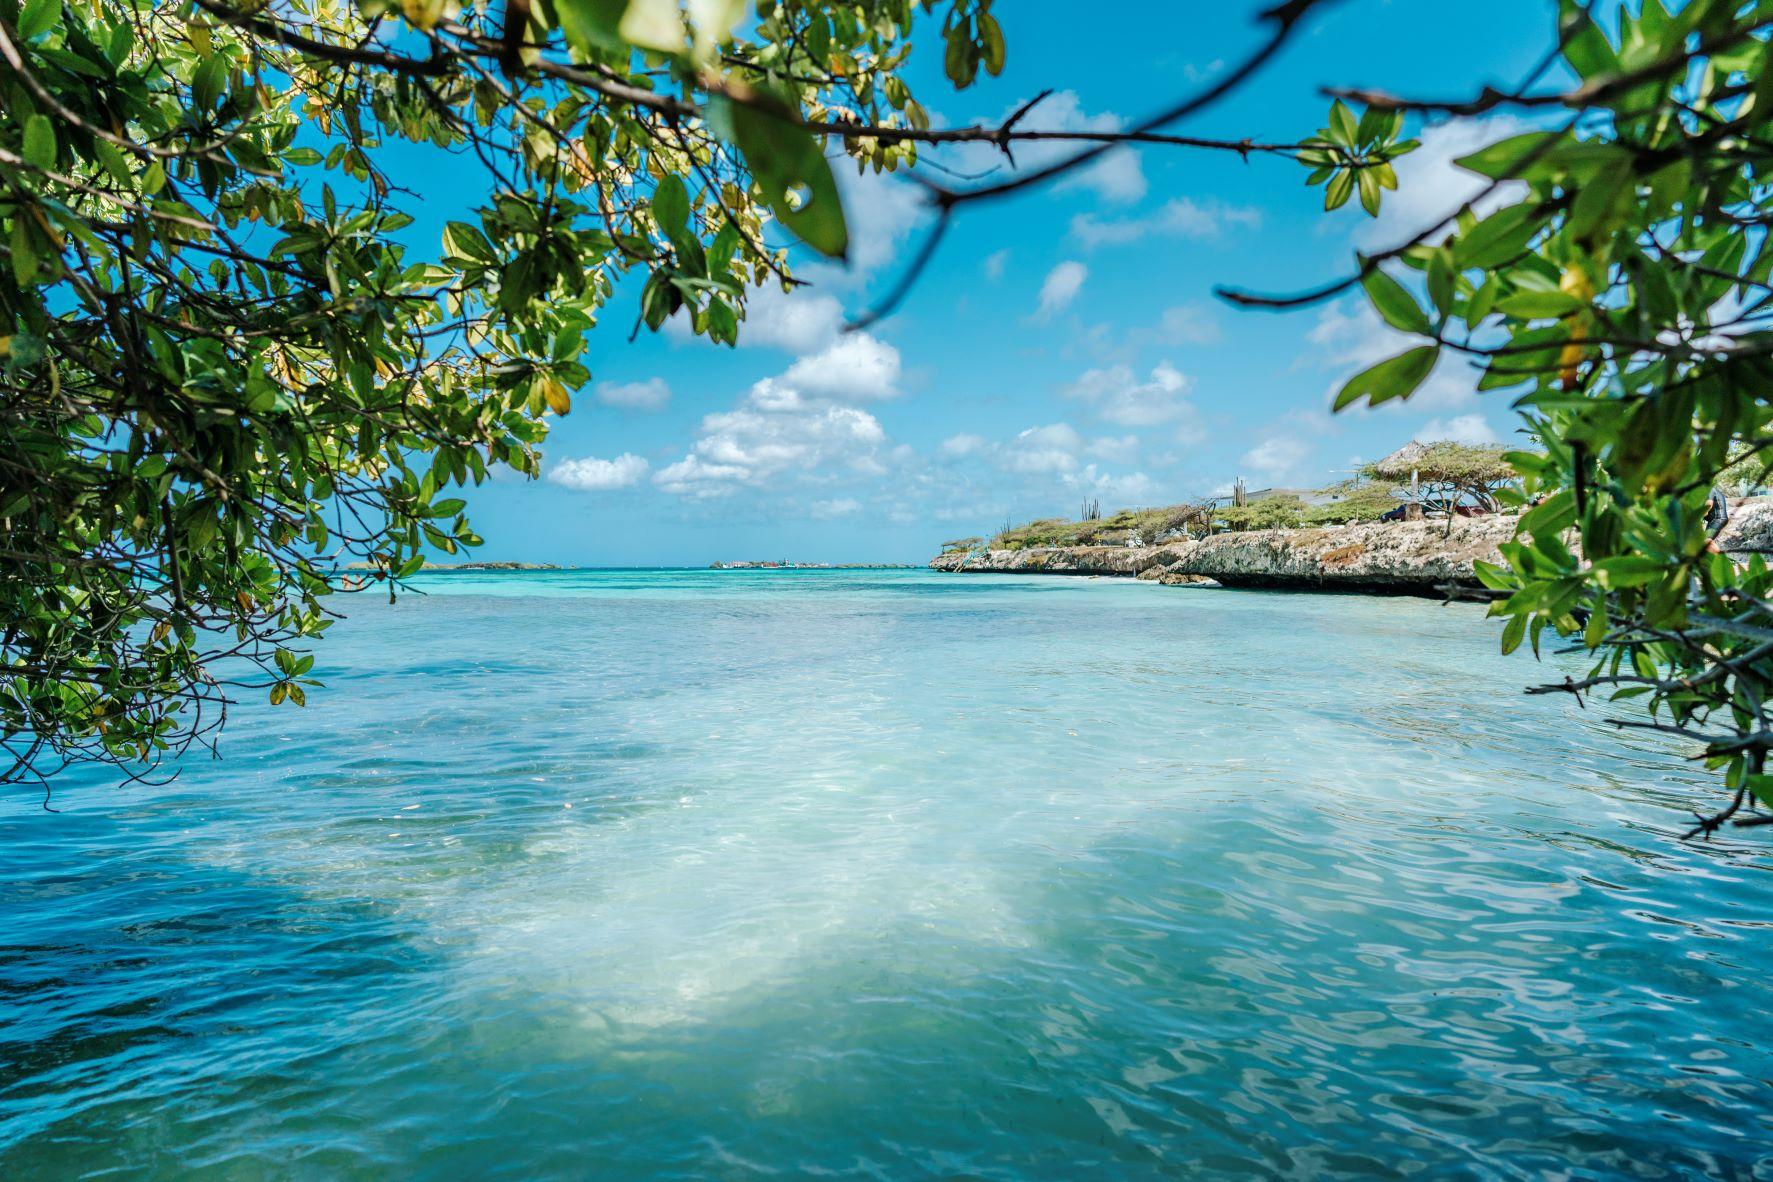 Qué hacer en Aruba 10 cosas que no te puedes perder de la isla más feliz del Caribe